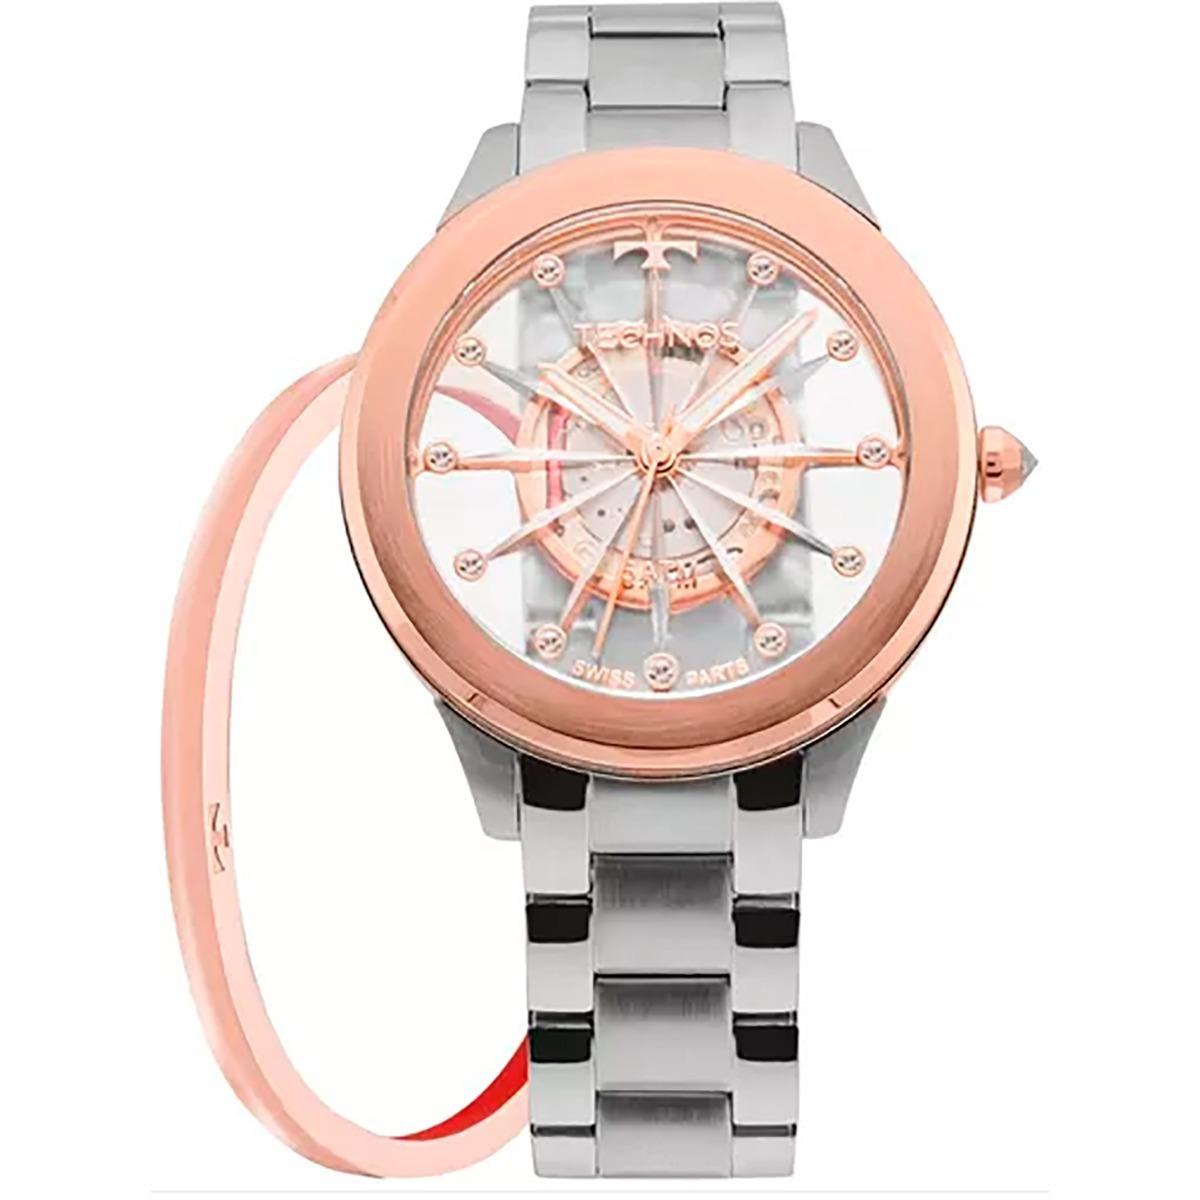 e3de9a1c13c9b Relógio Technos Feminino Elegance Crystal F03101ab k1w - R  699